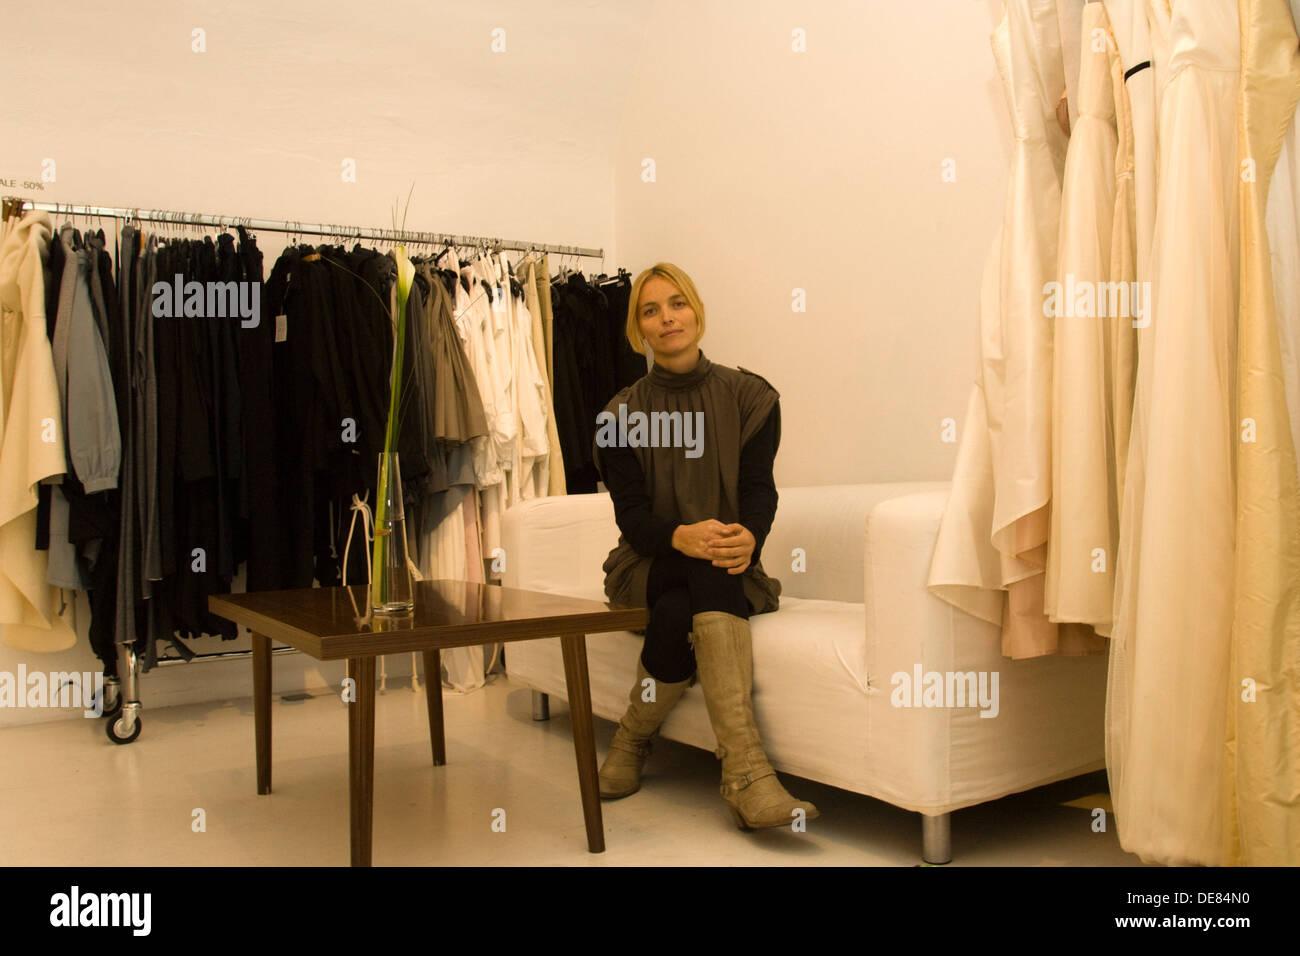 Österreich, Wien 5, Margarethenstrasse 39, Modedesignerin Sandra Thaler in ihrer Designerboutique Elfenkleid. - Stock Image